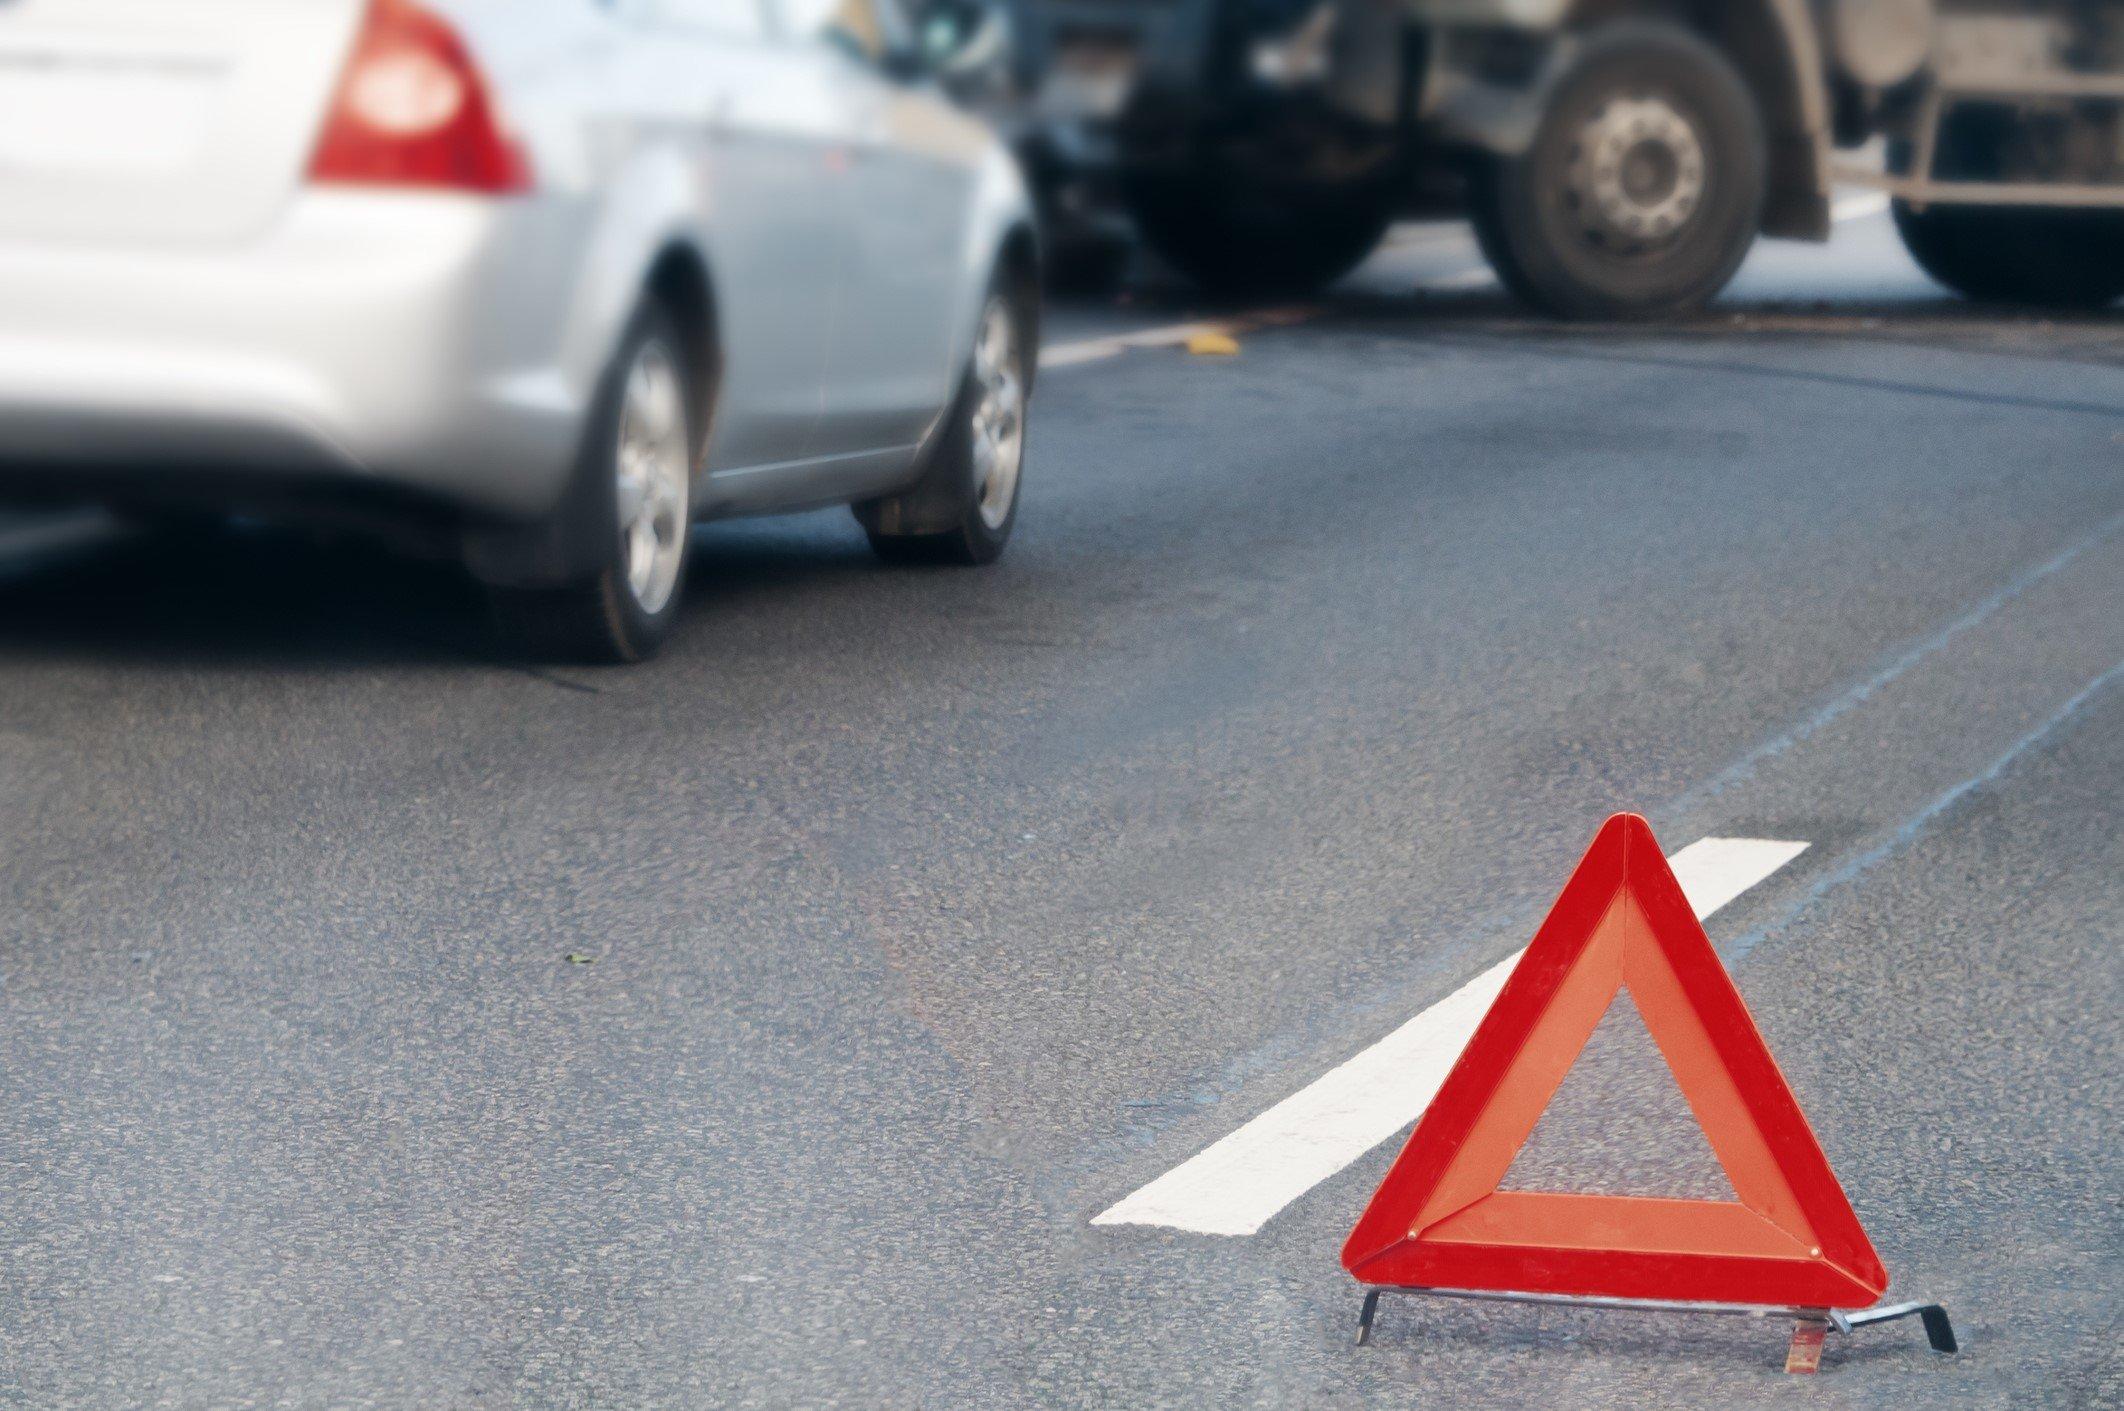 У Черкасах затримано водія, який збив 8-річну дівчинку (ВІДЕО)